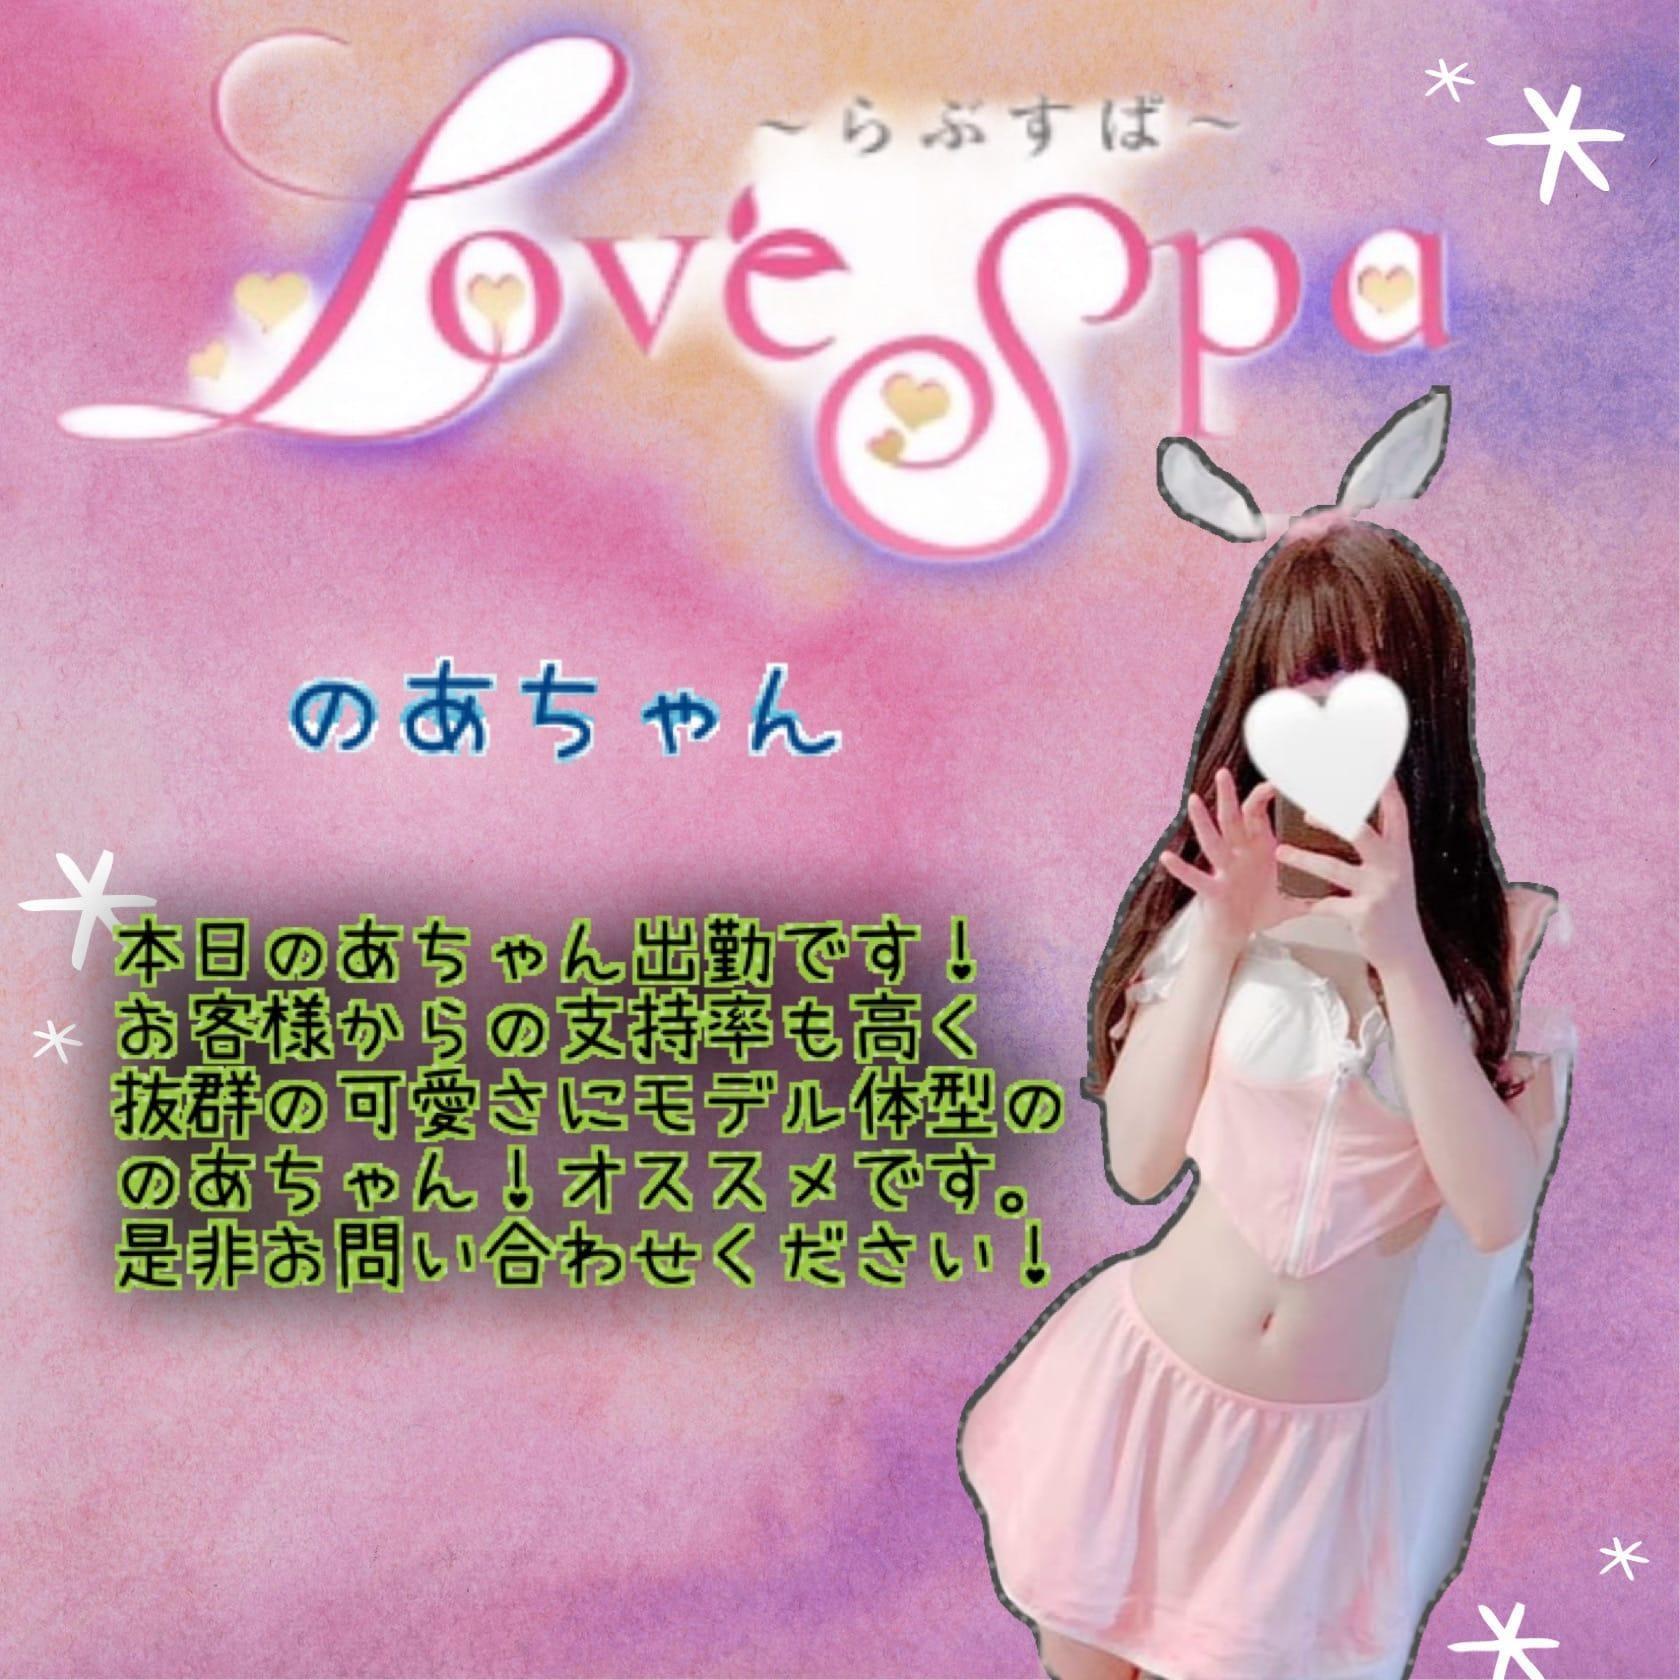 「本日のあちゃん出勤❗」09/22(水) 18:40 | LoveSpa ~ラブスパ~の写メ日記